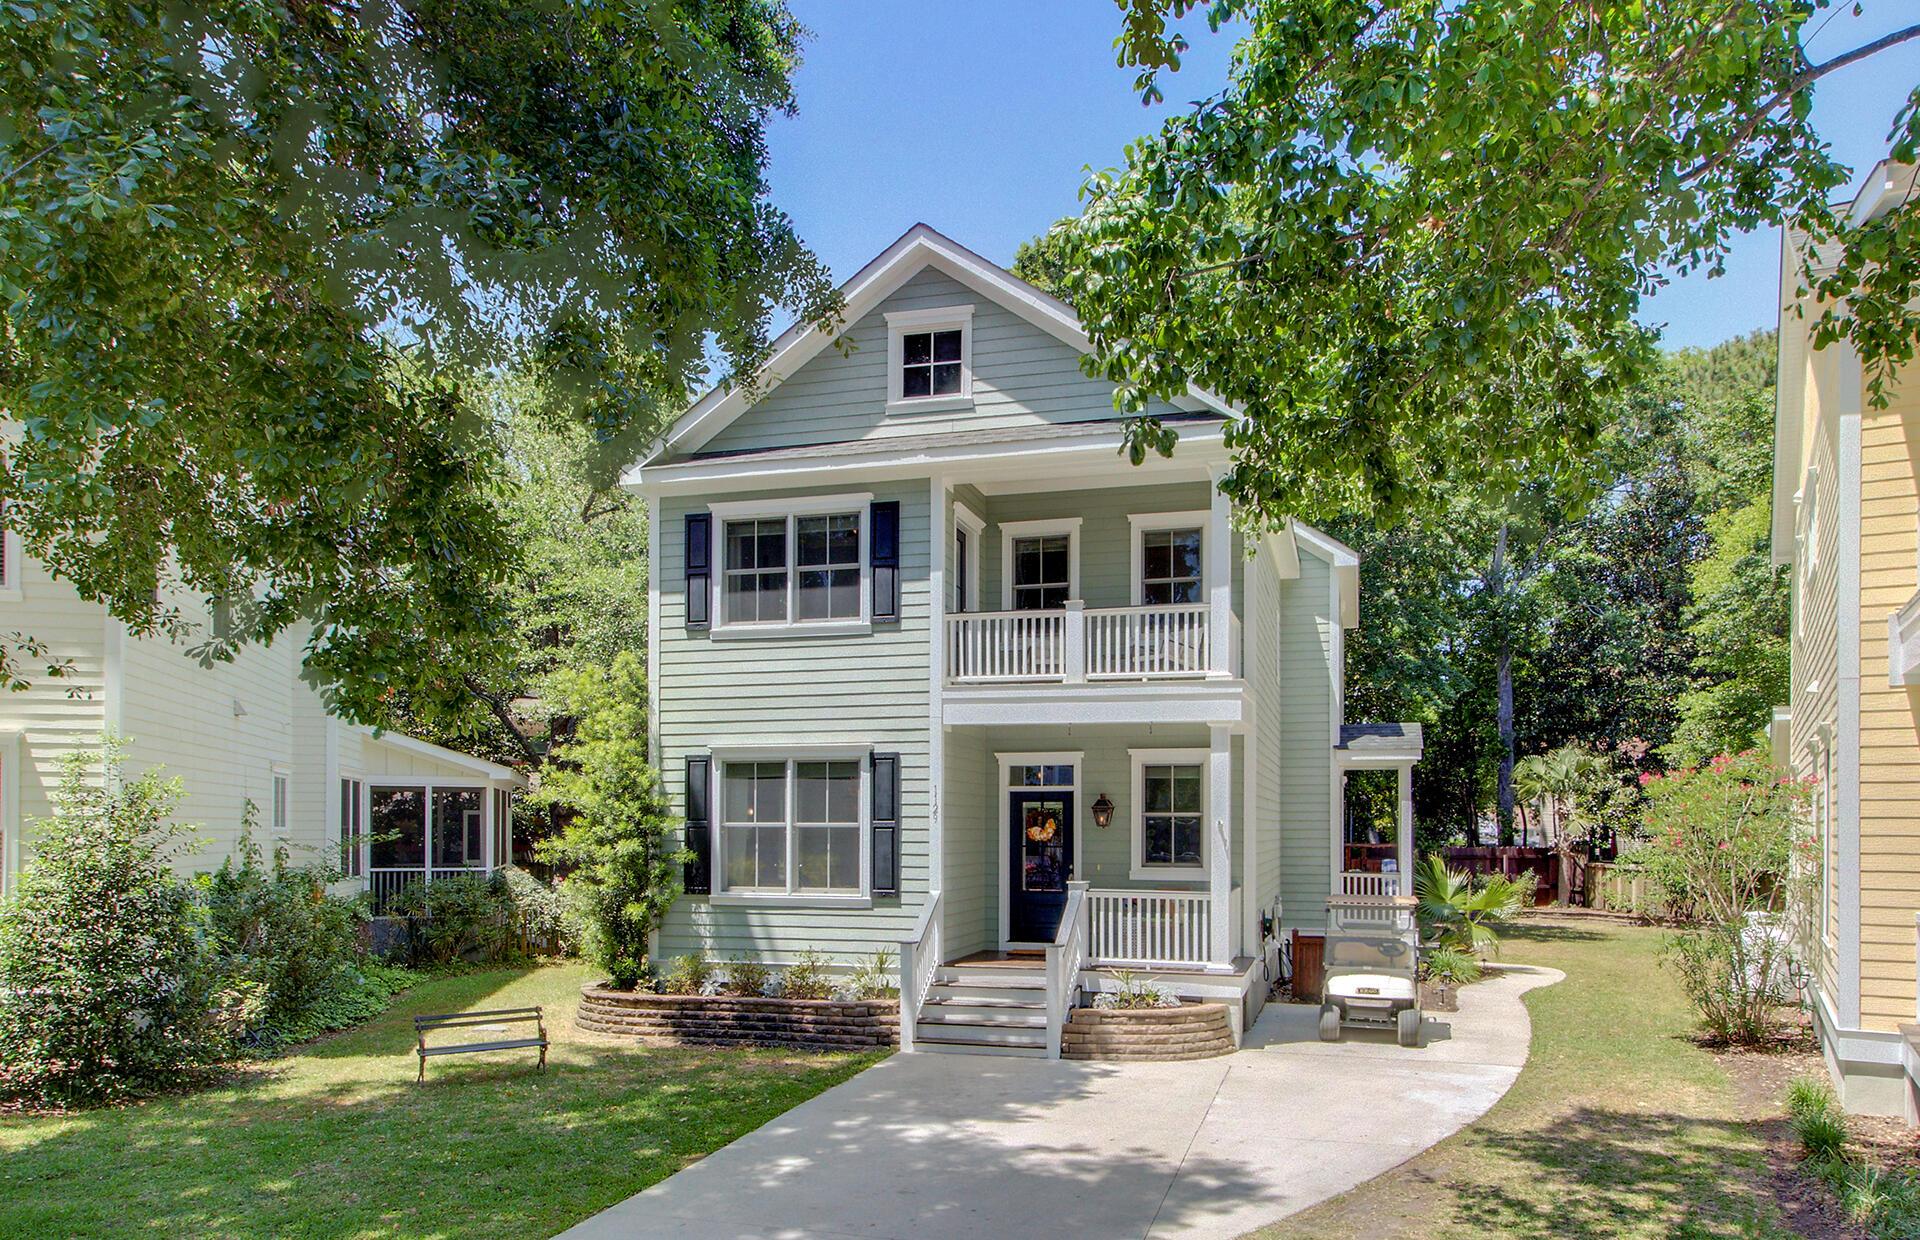 Phillips Park Homes For Sale - 1129 Phillips Park, Mount Pleasant, SC - 31